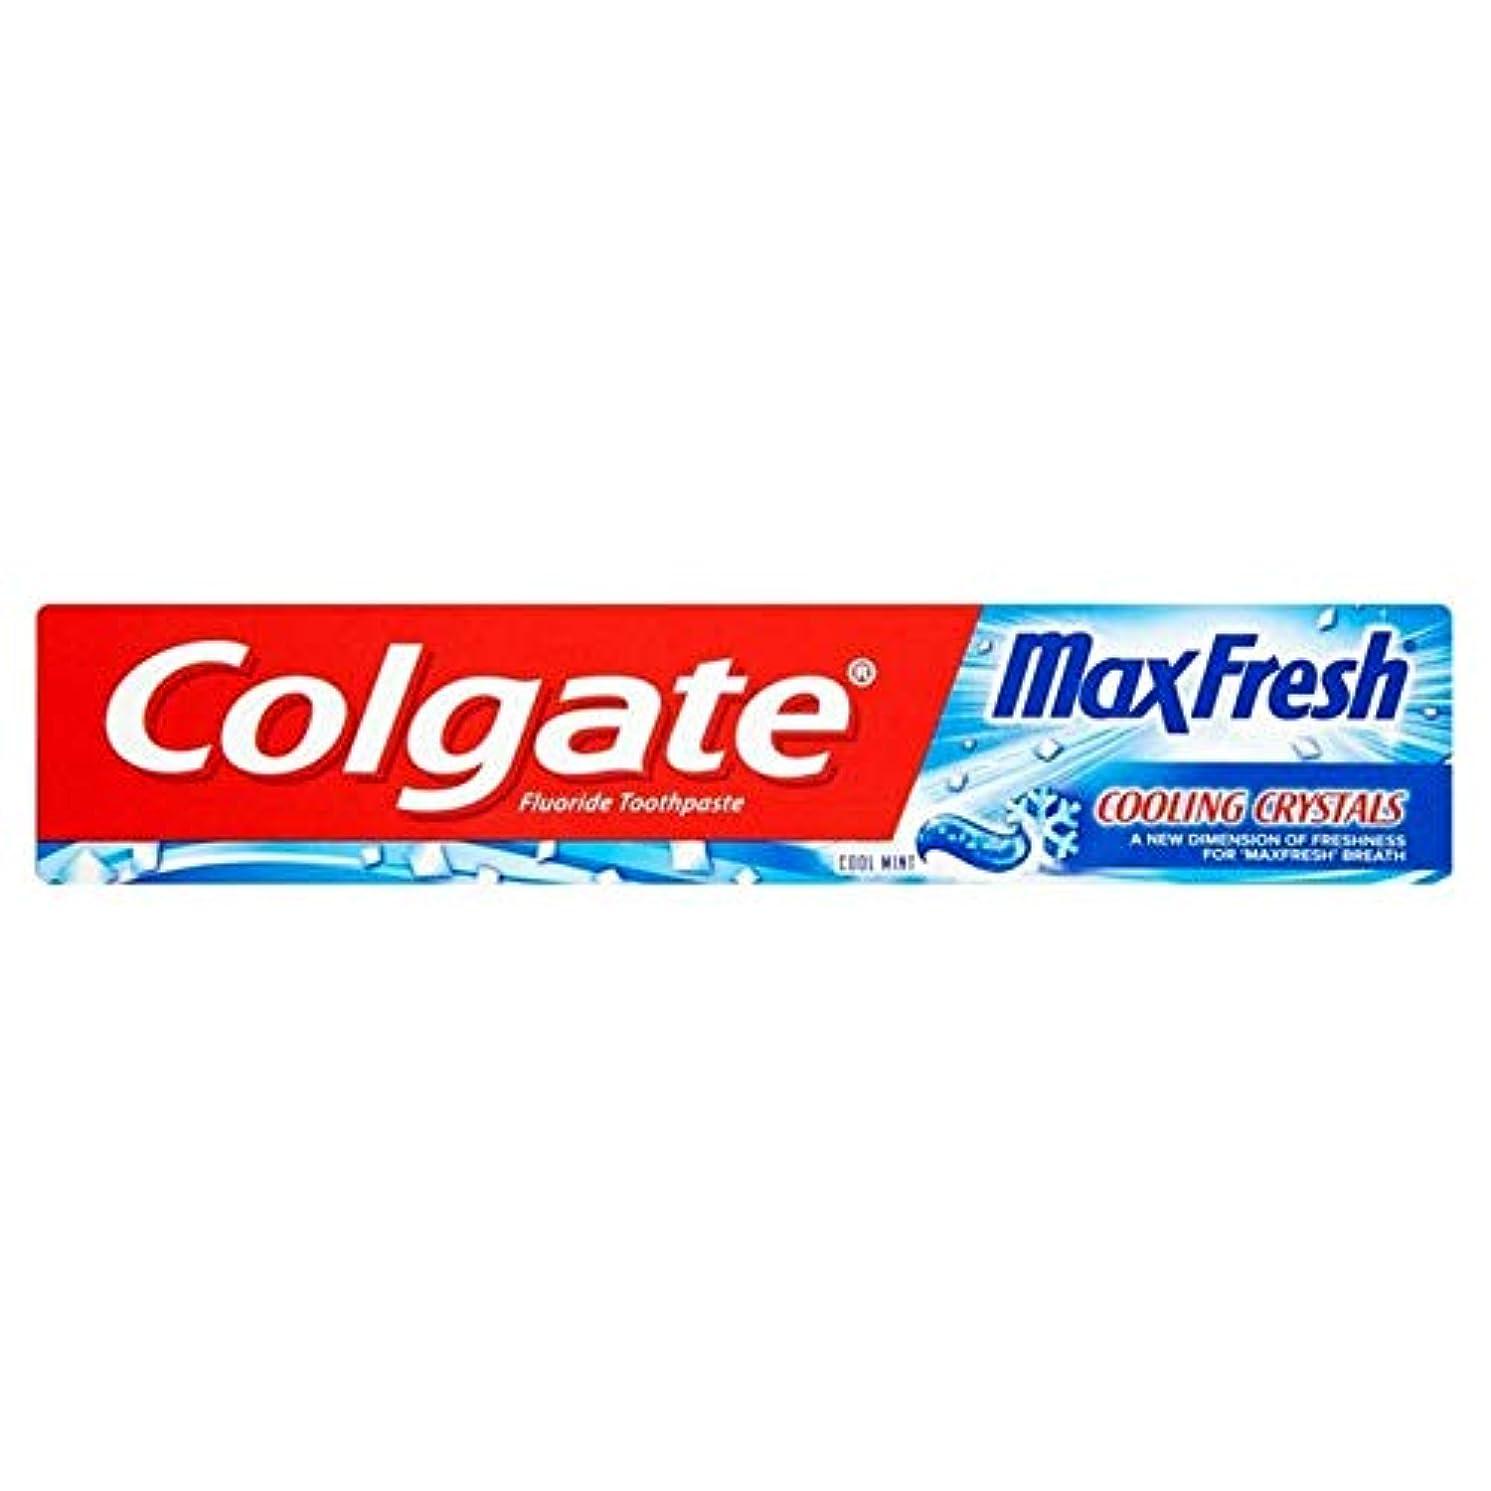 パーツ休暇完全に[Colgate ] 冷却結晶歯磨き粉75ミリリットル新鮮なコルゲートマックス - Colgate Max Fresh with Cooling Crystals Toothpaste 75ml [並行輸入品]